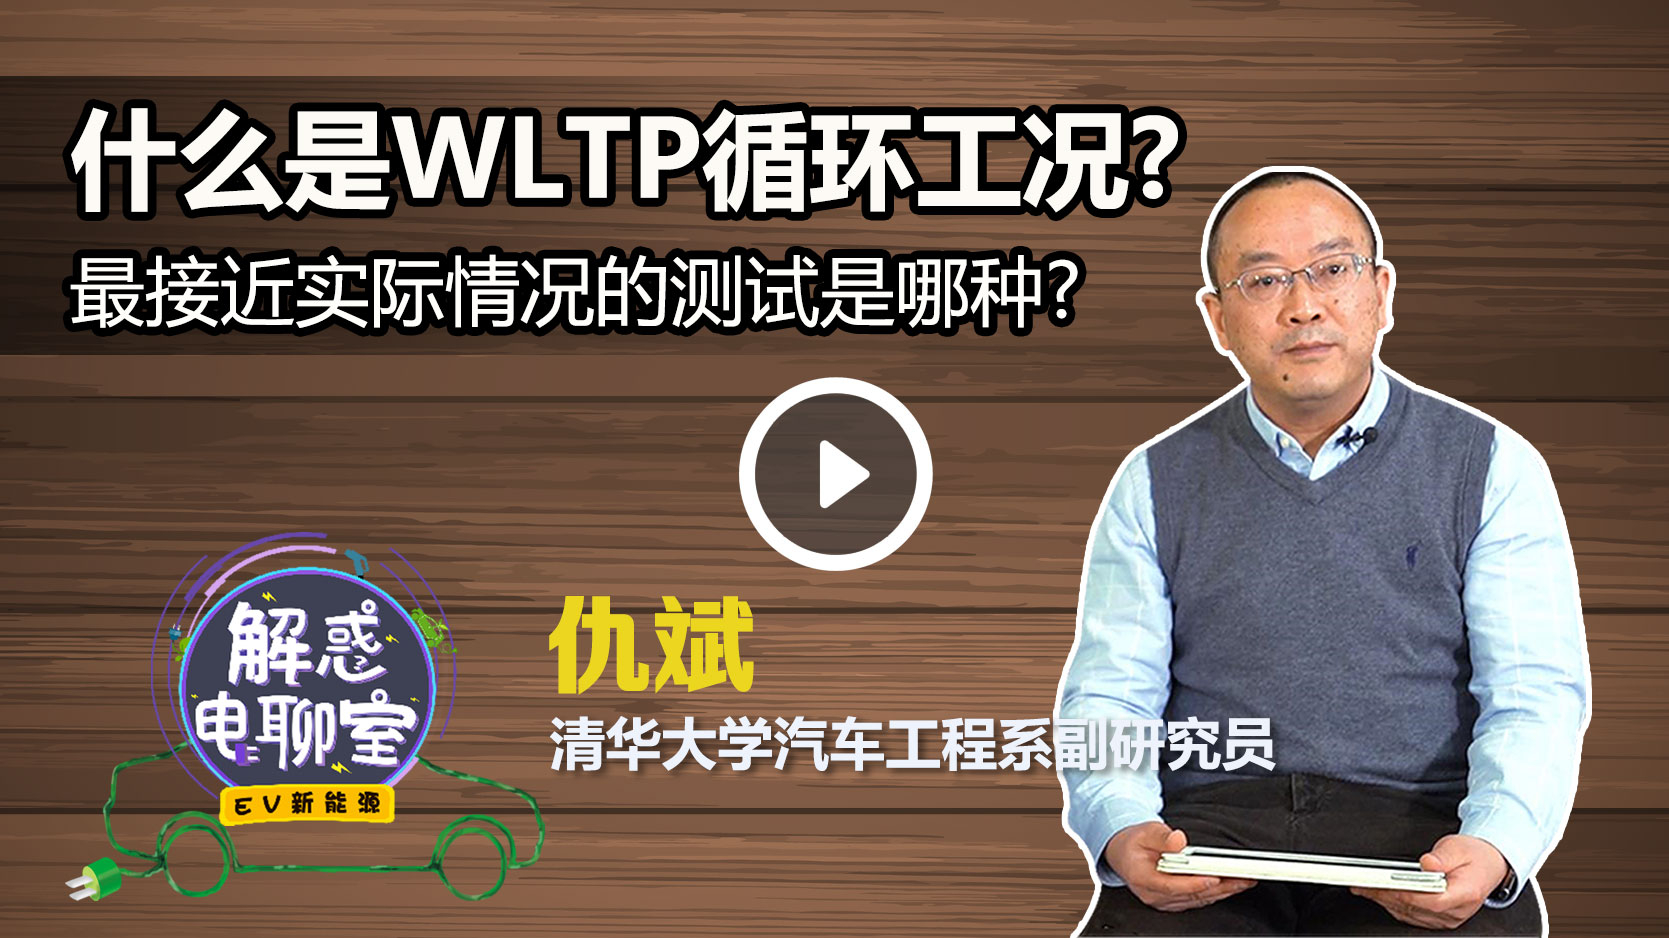 令厂商惶恐的WLTP工况都有哪些杀手锏